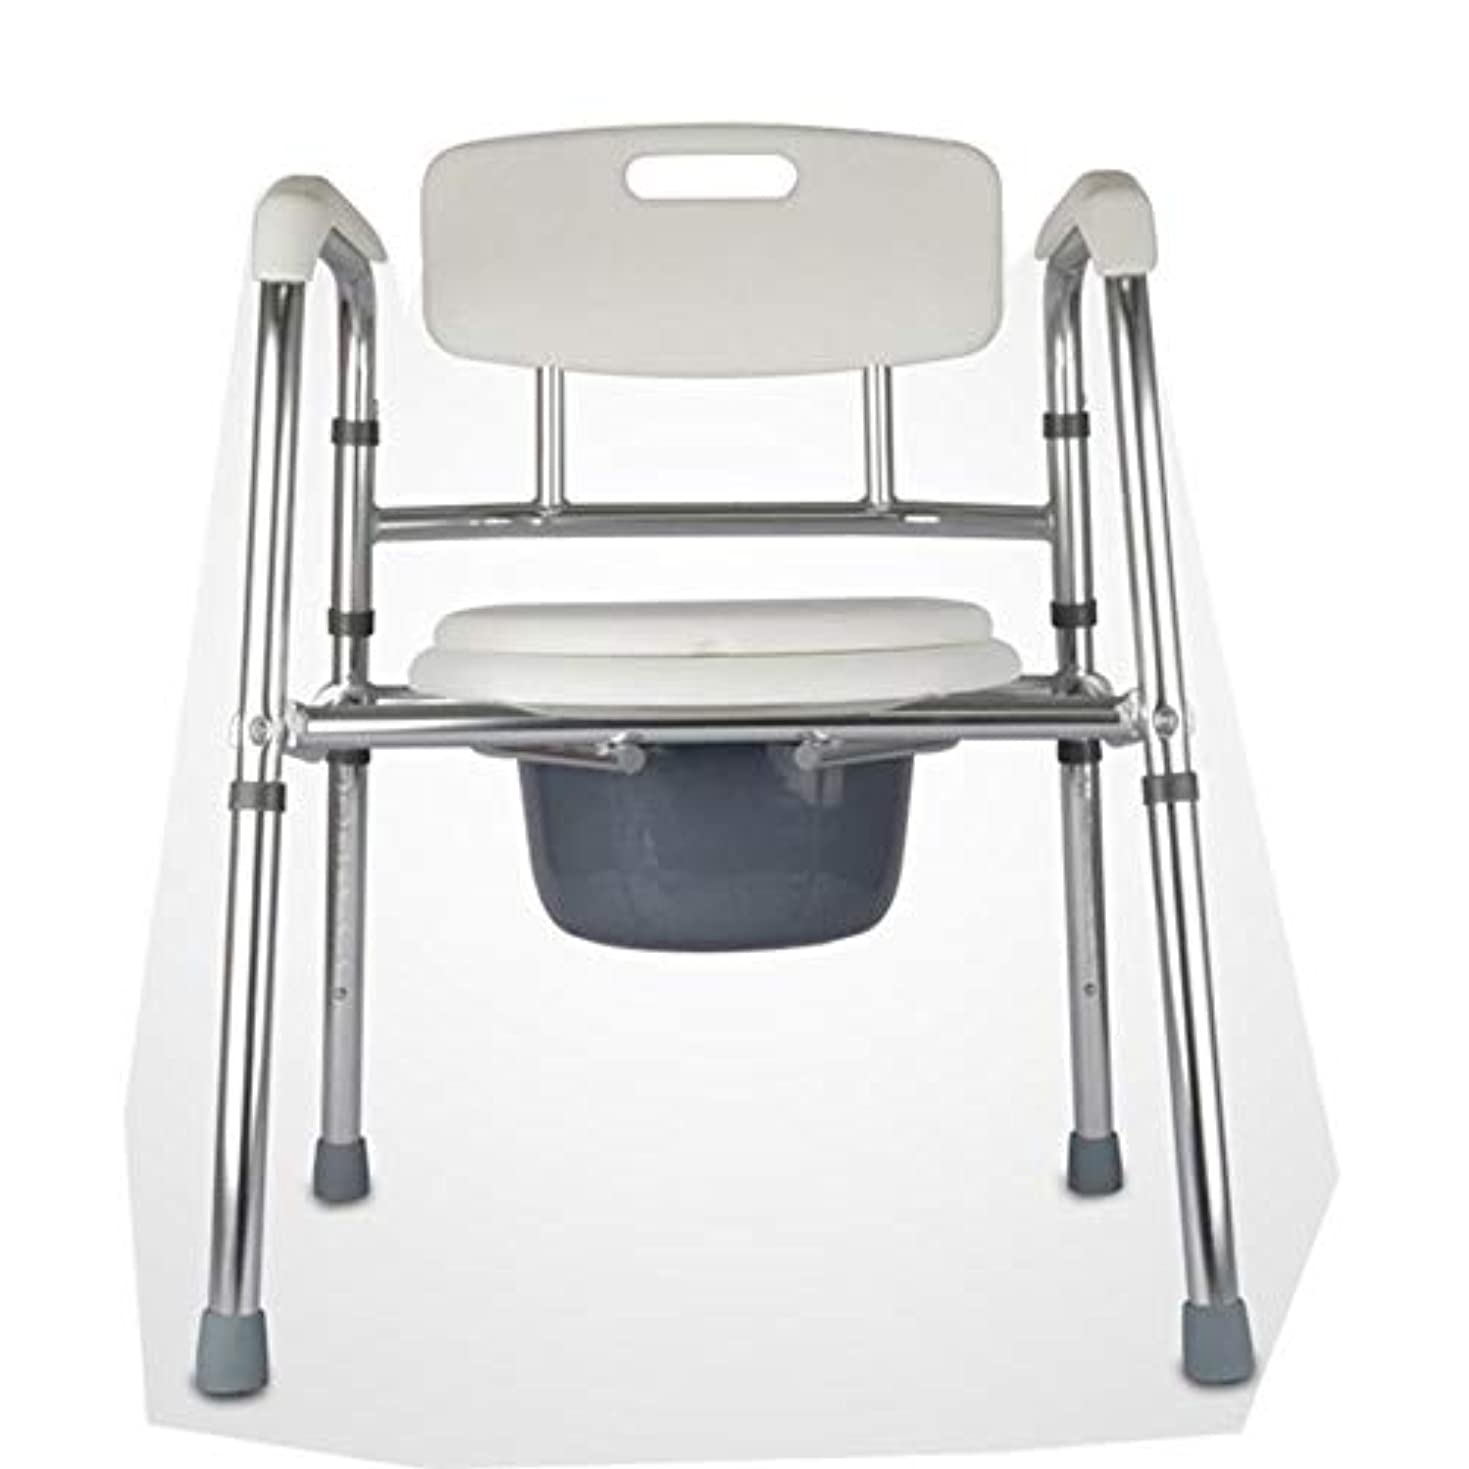 外側新しさ専門用語折りたたみ式mode椅子とトイレサラウンド、軽量、丈夫、シンプル、高齢者、障害者、祖父母向けのバスルームサポート